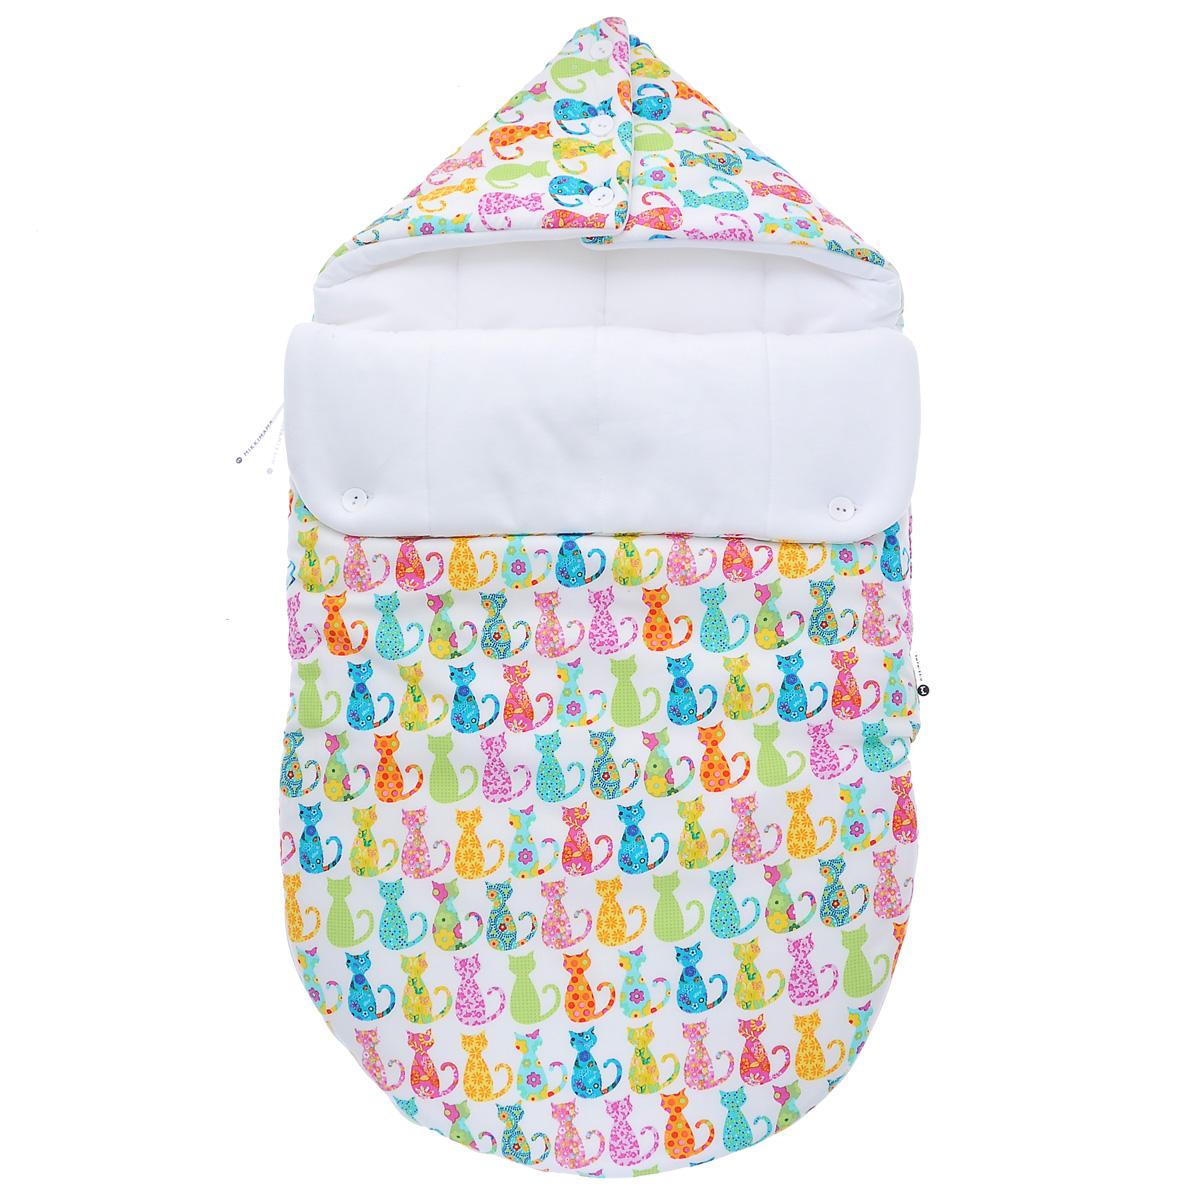 Конверт для новорожденного Диско-кошки. 100100571100100571Конверт для новорожденного Mikkimama Диско-кошки порадует даже самых требовательных мам и согреет малыша в холодную погоду. Изделие подойдет как для выписки малыша из роддома, так и для дальнейших прогулок на руках и в коляске. Конверт изготовлен из хлопка на хлопковой подкладке. В качестве утеплителя используются альполюкс и Polartec. Альполюкс - экологически чистый утеплитель премиум класса. Уникальное сочетание натуральной шерсти мериноса и микроволокна помогают поддержать оптимальную для новорожденного температуру: малышу теплее на улице даже в самый сильный мороз. Polartec используется для сохранения тепла. Он не намокает, не впитывает запахи, прекрасно сохраняет форму и объем, и при этом дышит и сохраняет тепло и не хуже чем шерсть. Верхняя часть конверта может использоваться в качестве капюшона, с помощью пластиковых пуговиц, она принимает вид треугольного капюшона. Конверт закрывается при помощи пластиковой застежки-молнии и при необходимости он...